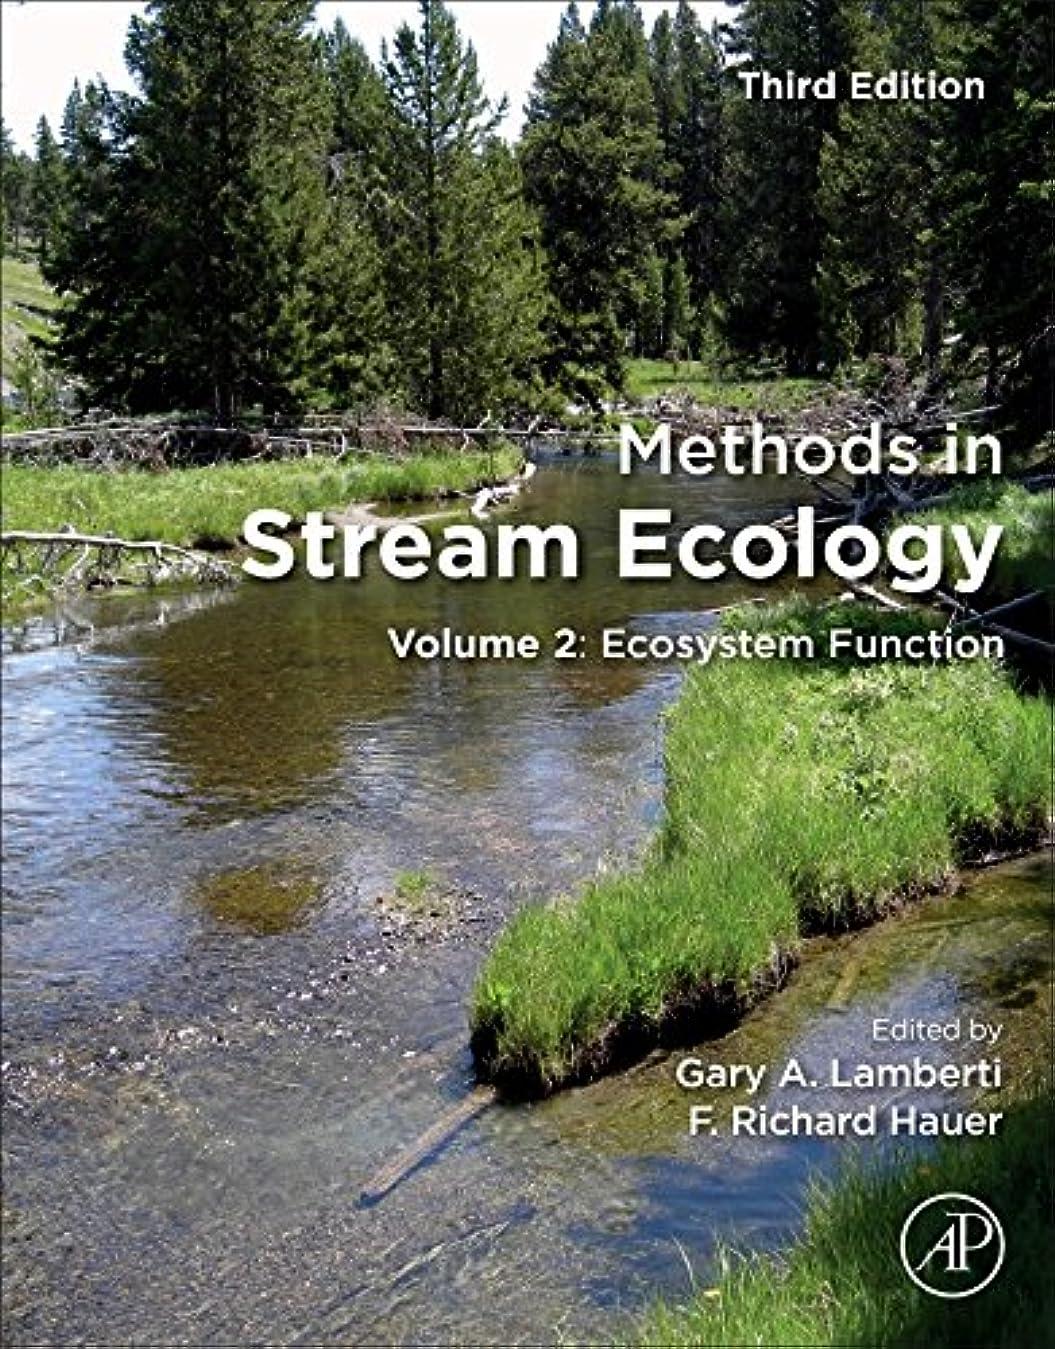 拷問崇拝するコロニアルMethods in Stream Ecology, Third Edition: Volume 2: Ecosystem Function